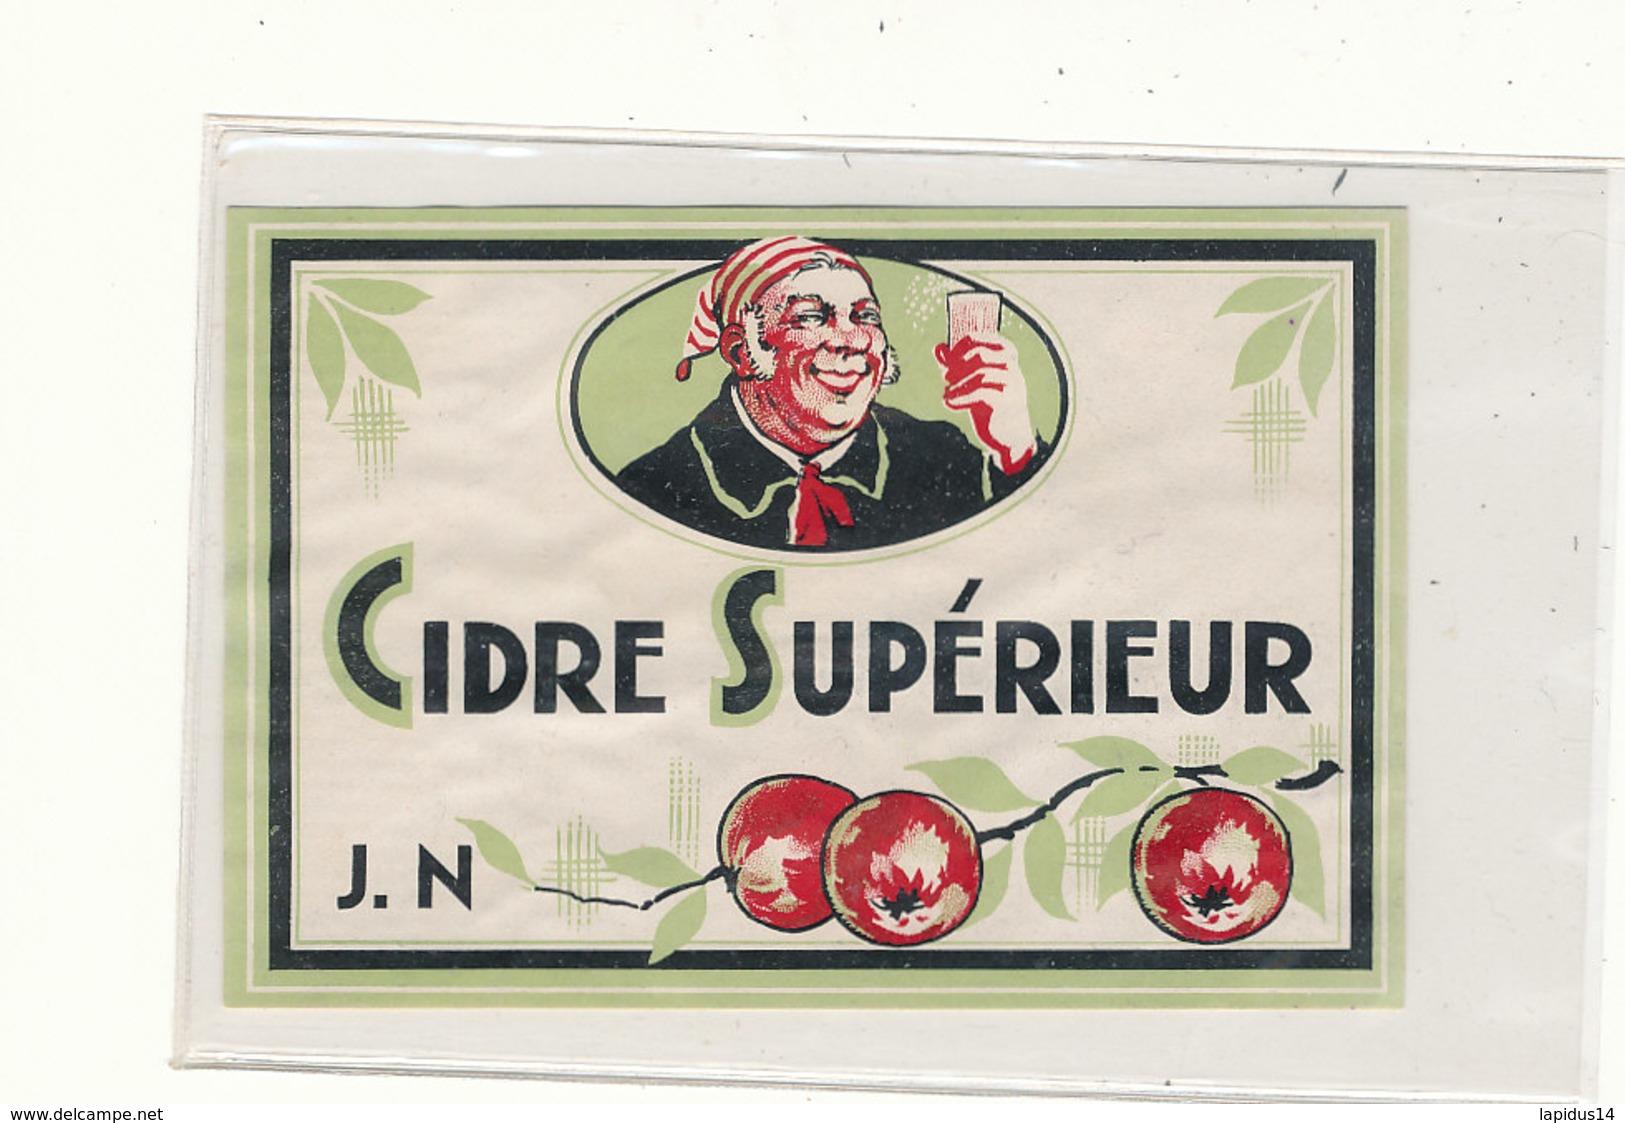 547 / ETIQUETTE -  CIDRE SUPERIEUR J N. - Unclassified